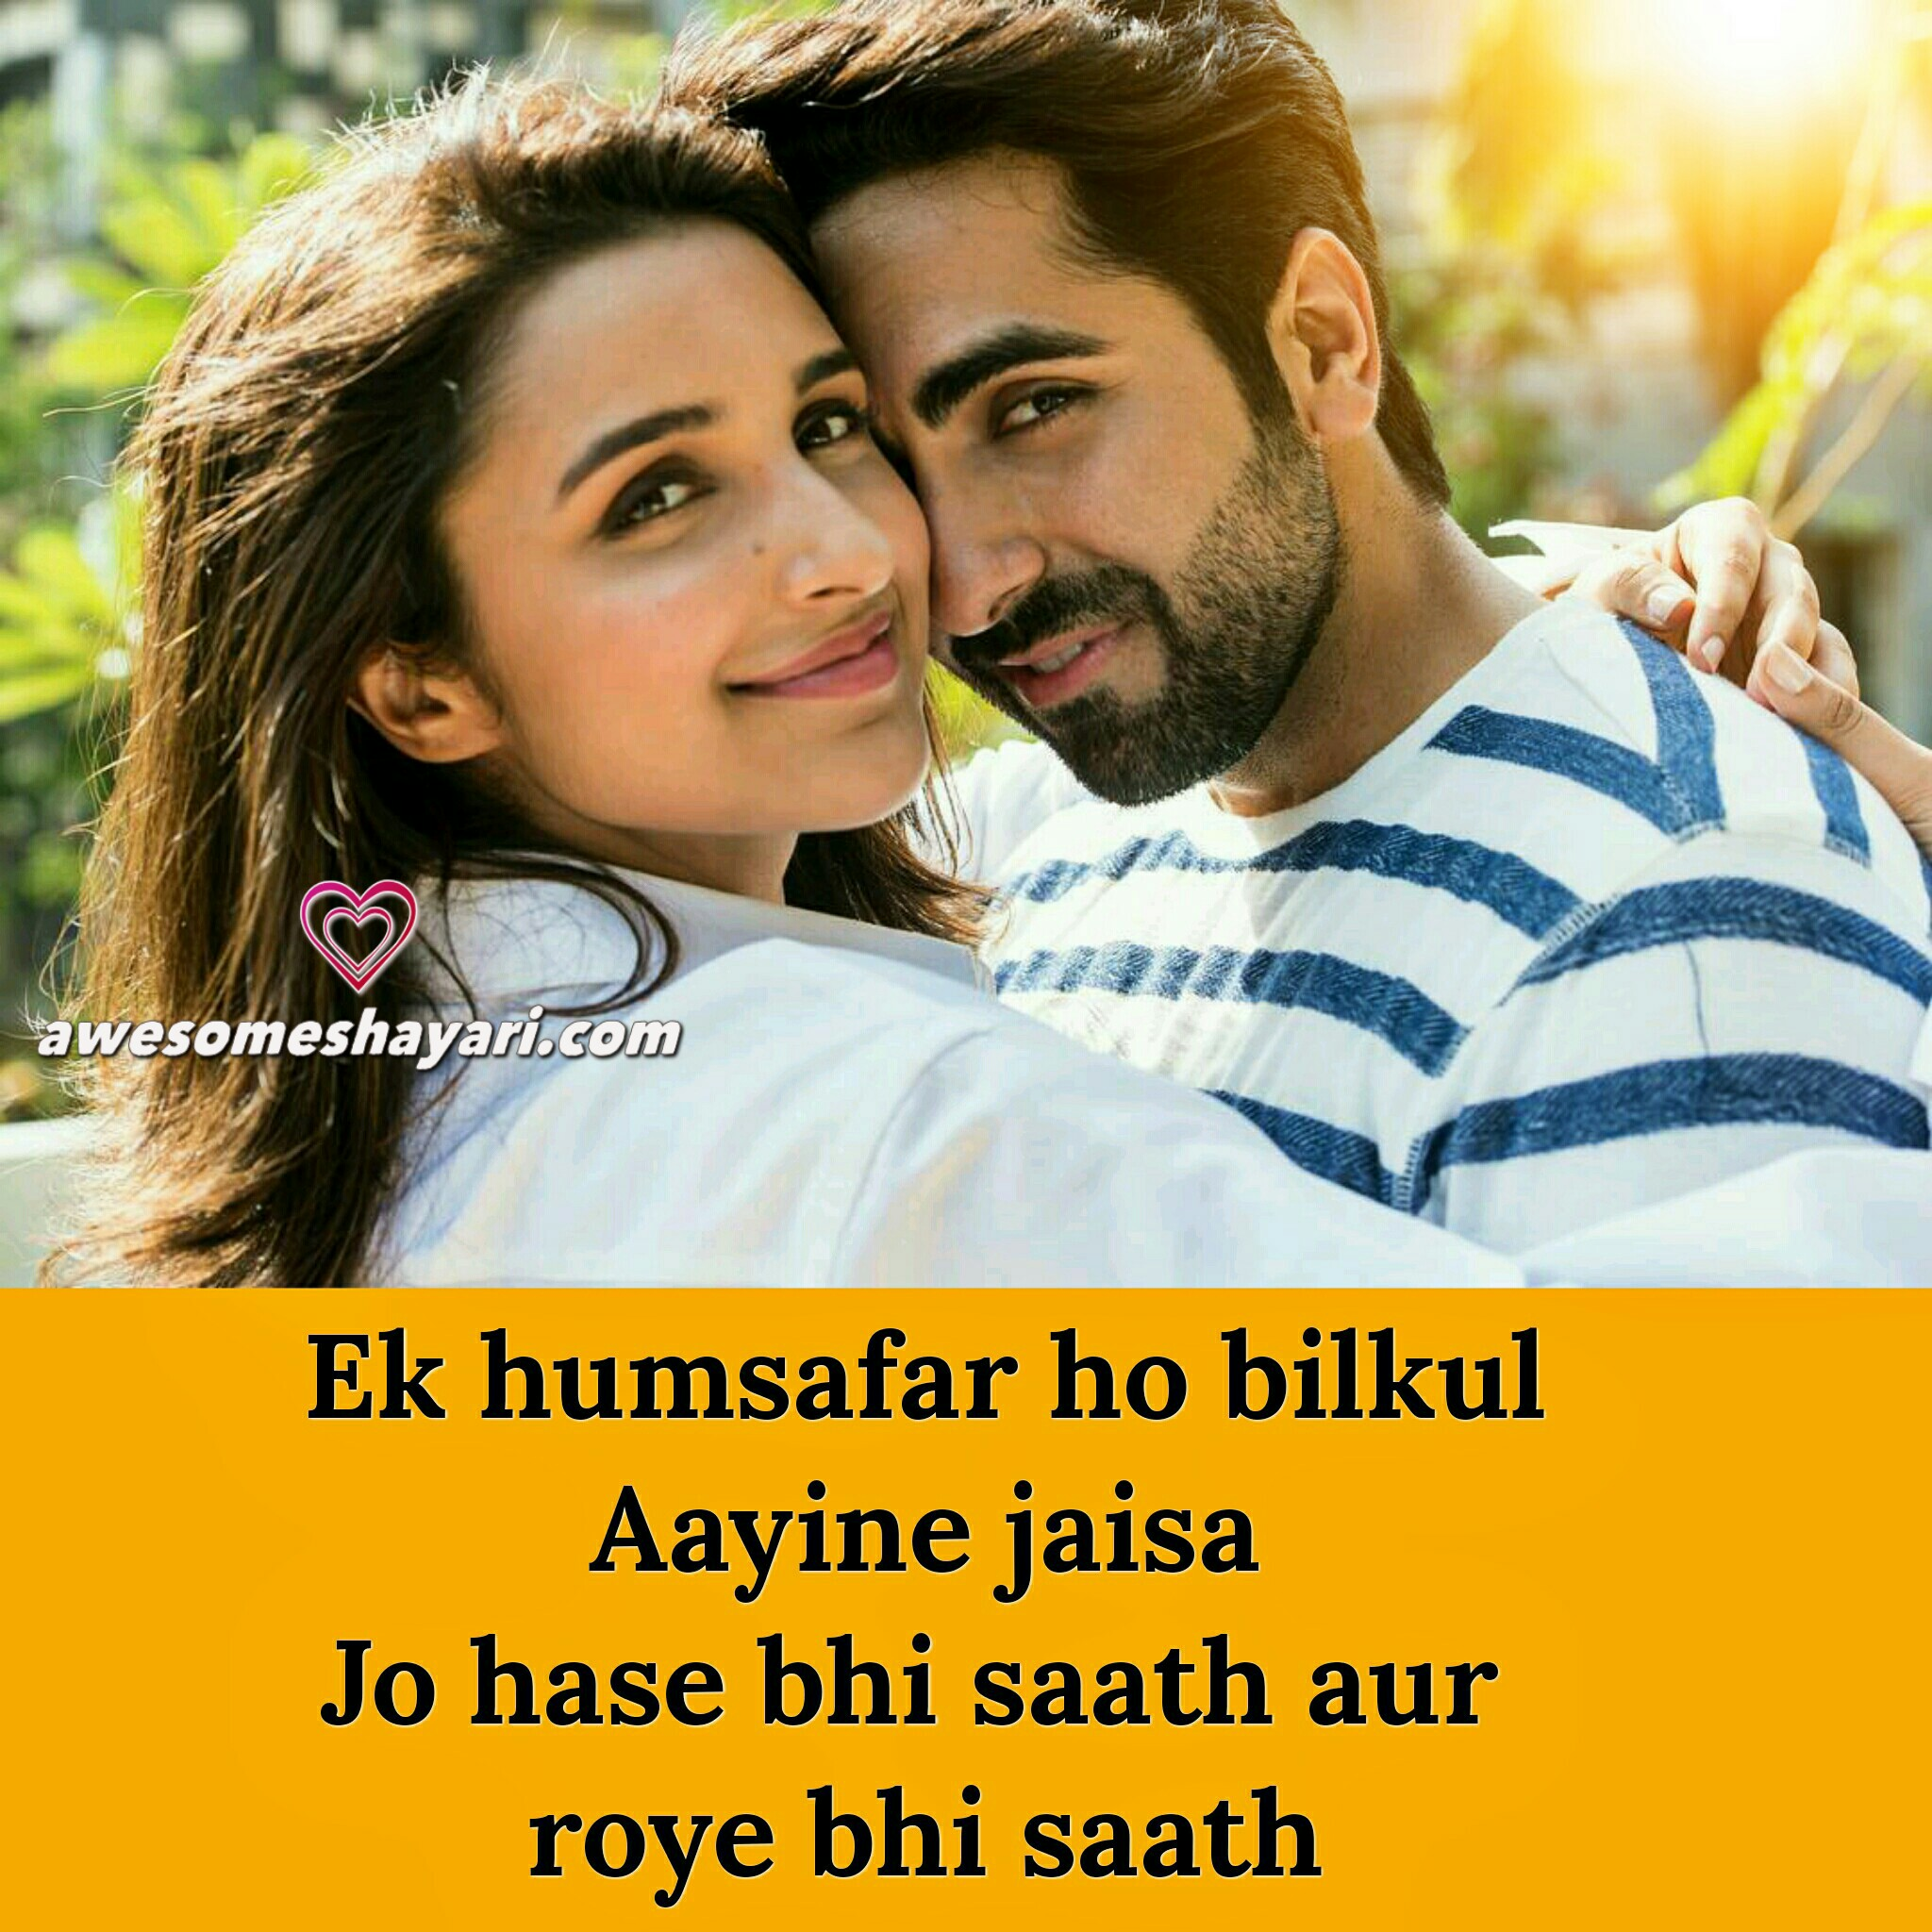 Ek Humsafar Ho Aayine Jaisa Shayari